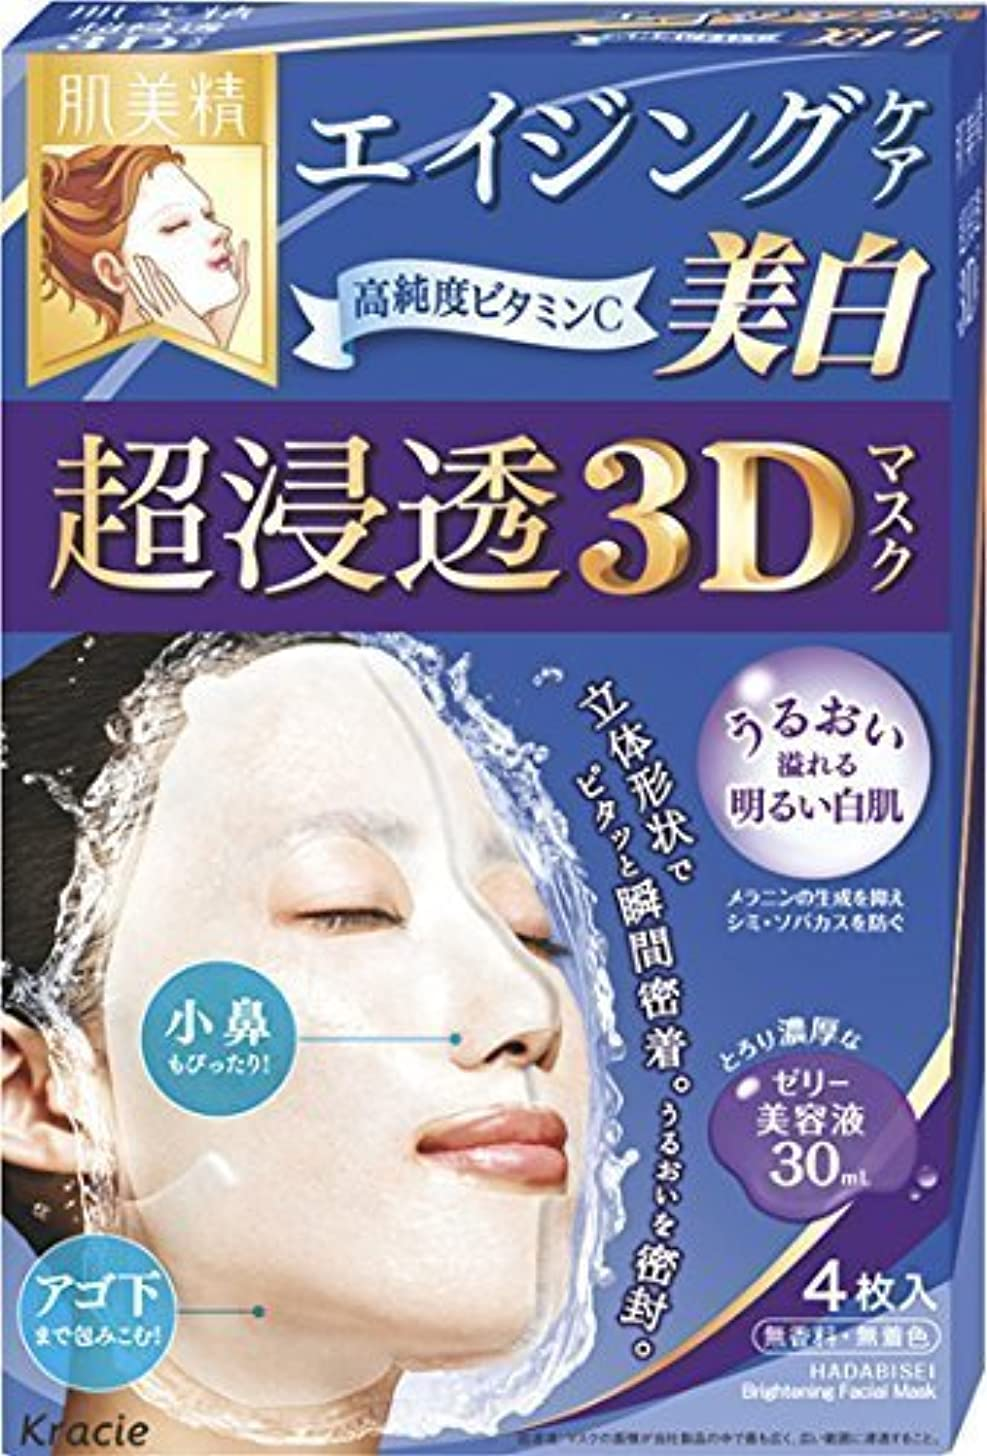 老朽化した郡価値クラシエ 肌美精 超浸透3Dマスク エイジングケア (美白) [医薬部外品] 2個セット